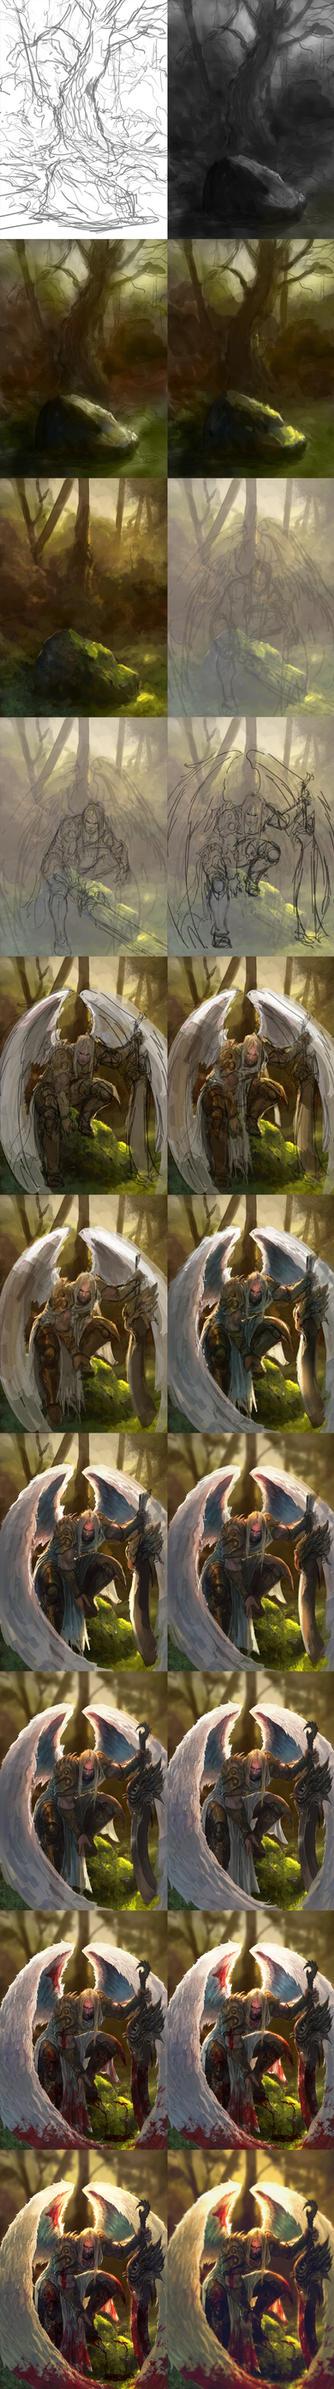 Ezekai-steps by Peter-Ortiz